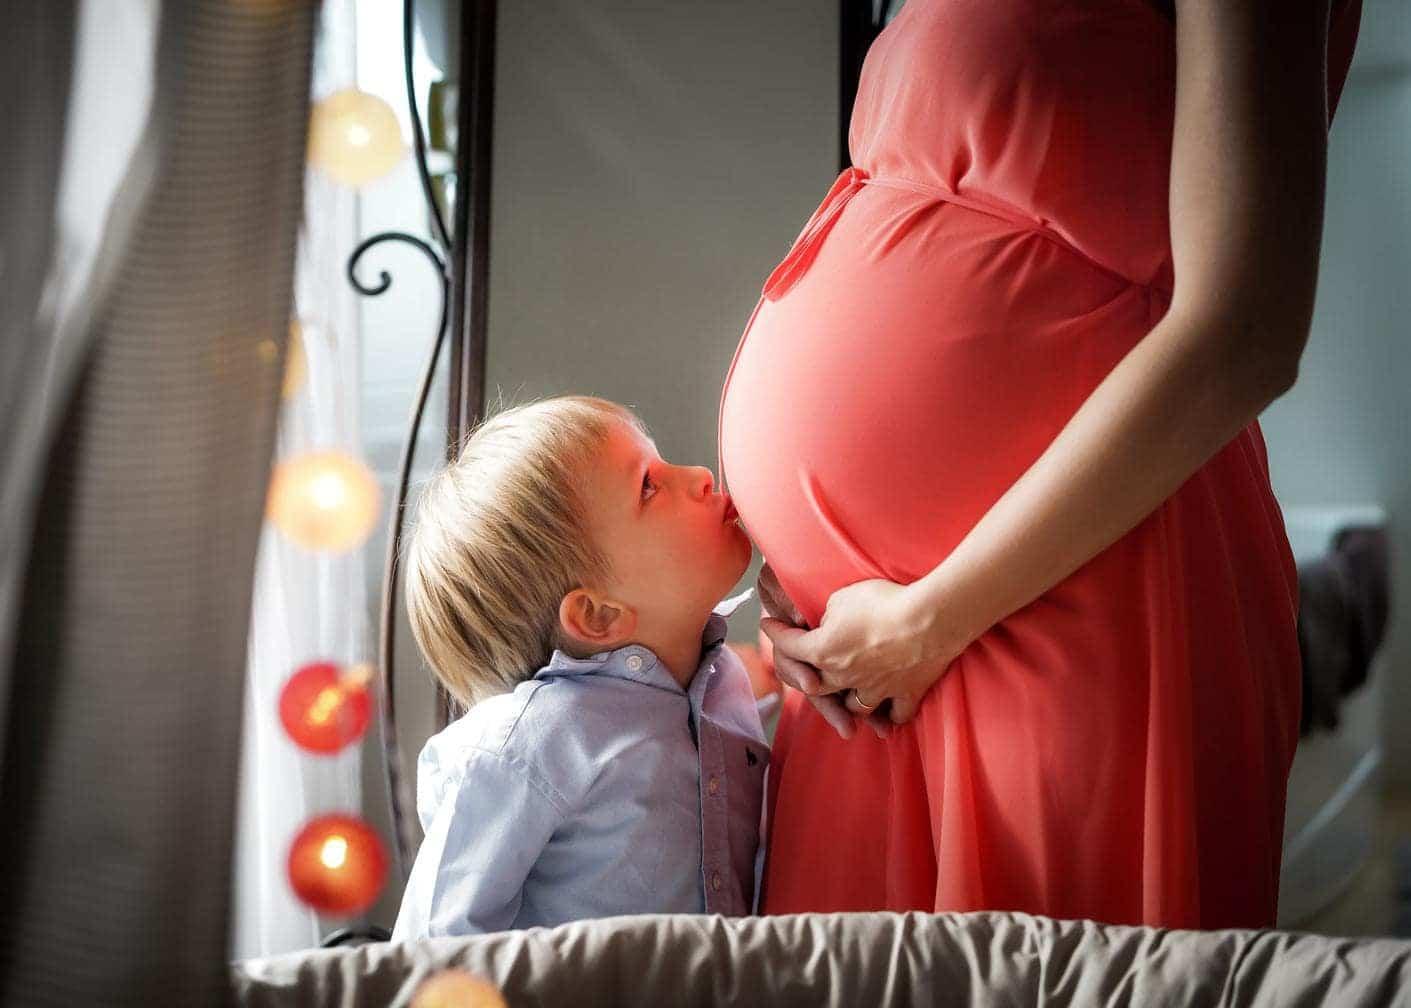 Photographe Loiret reportage famille Orléans Gien grossesse Sully sur Loire